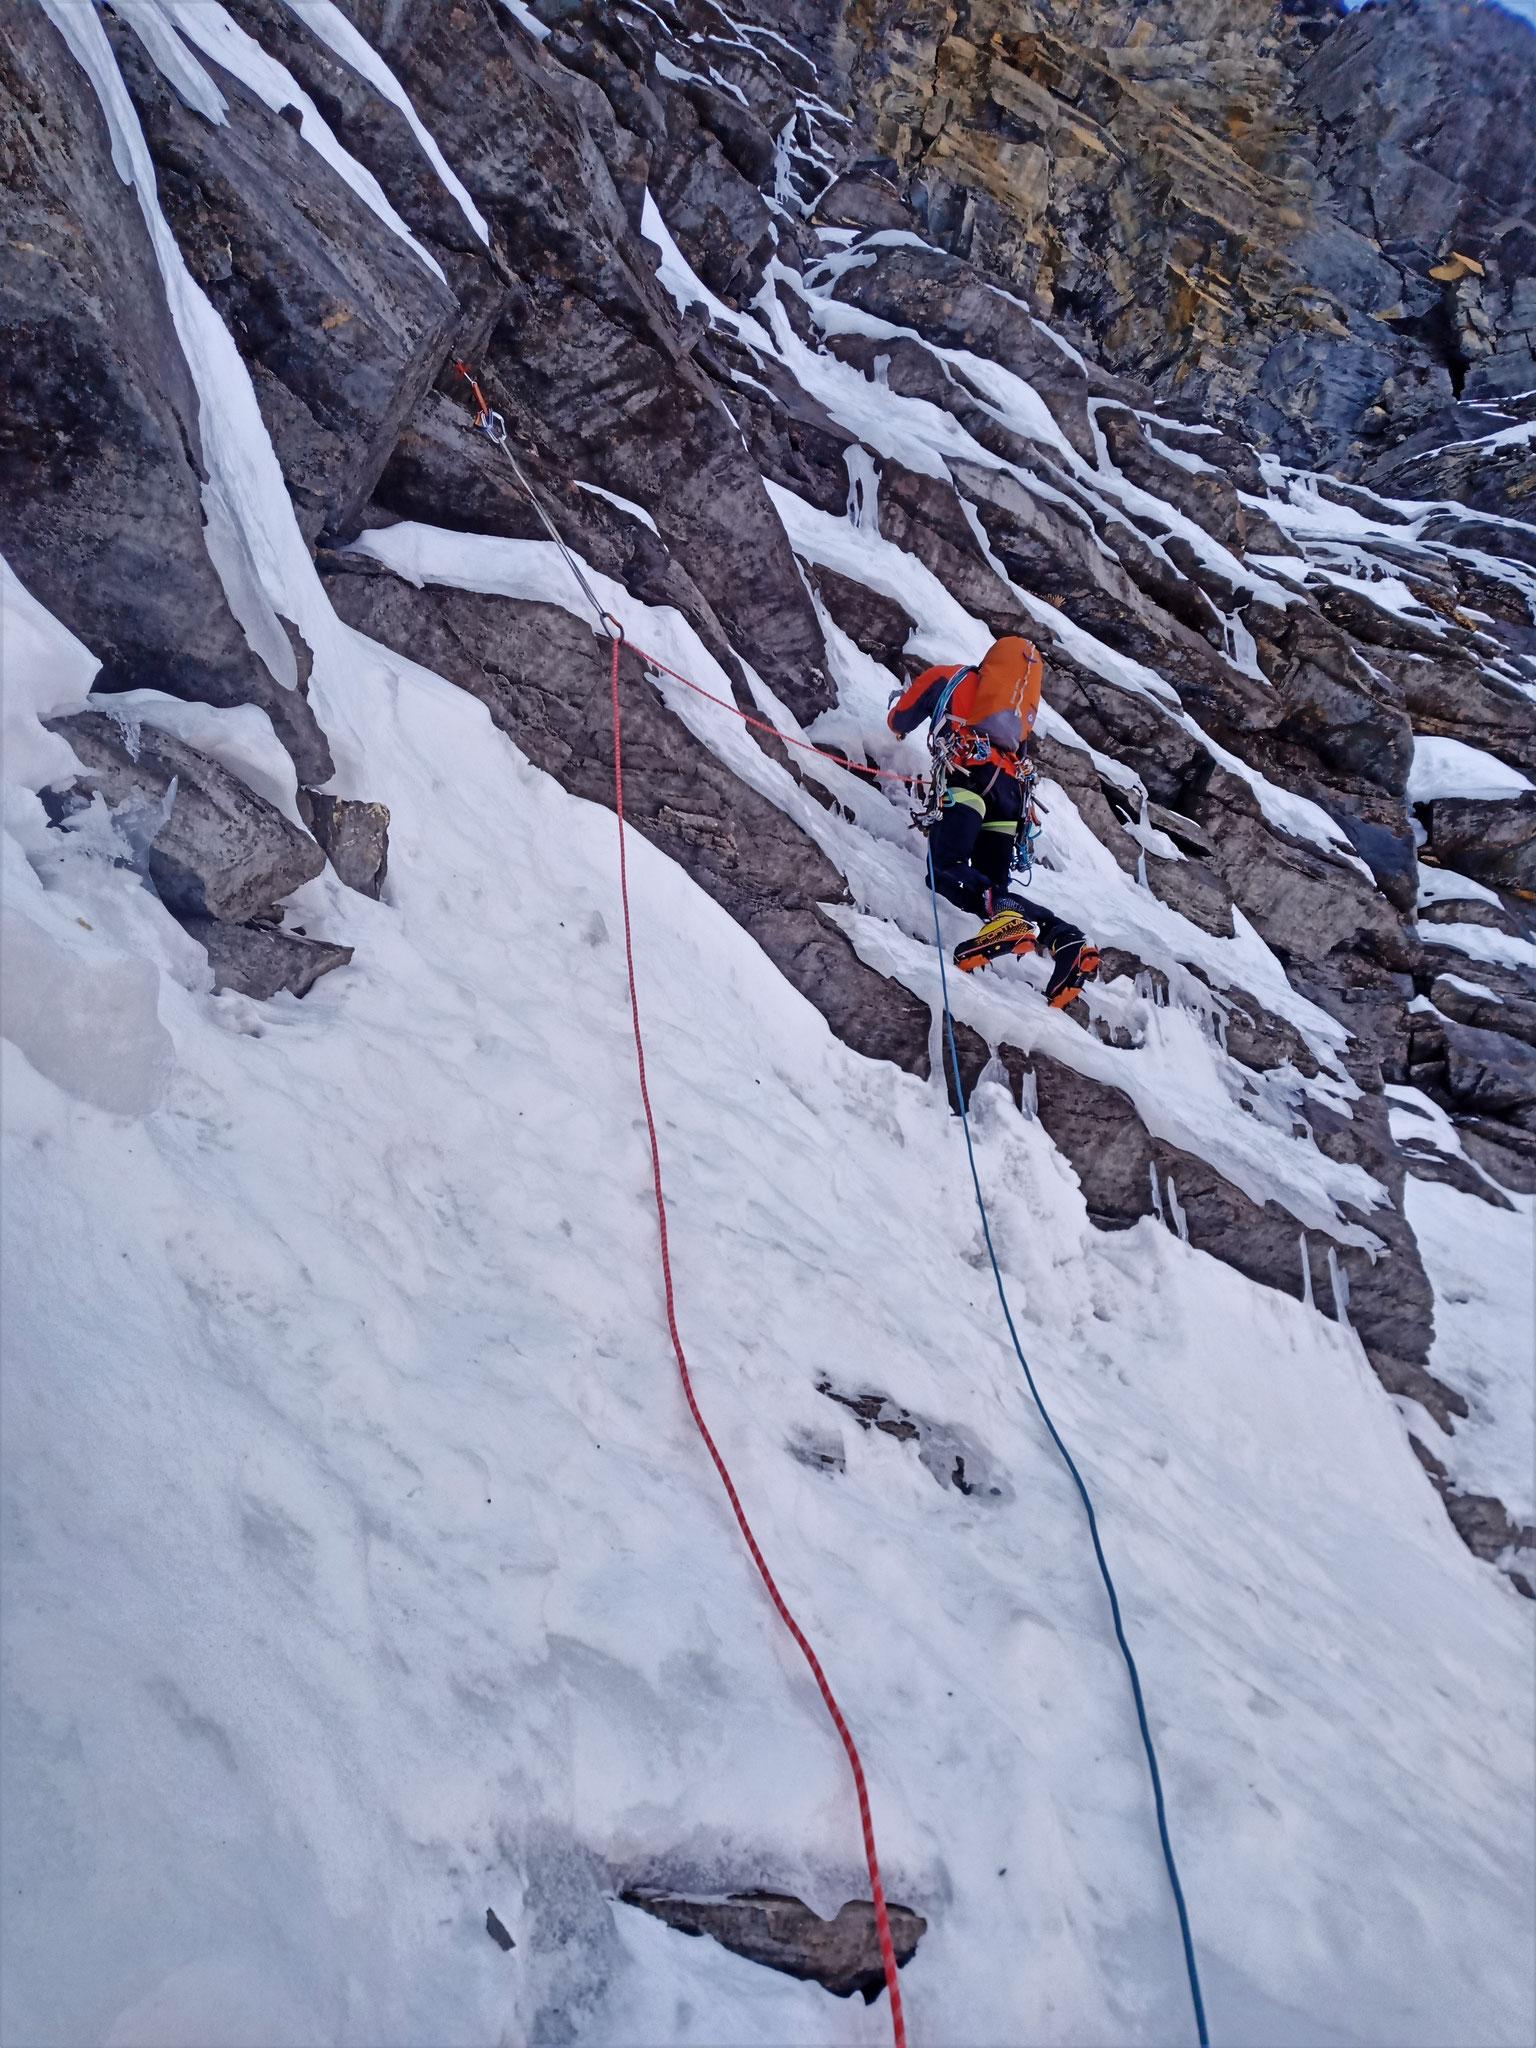 L1, idéale pour commencer en douceur!  -  Cascade guide Maurienne